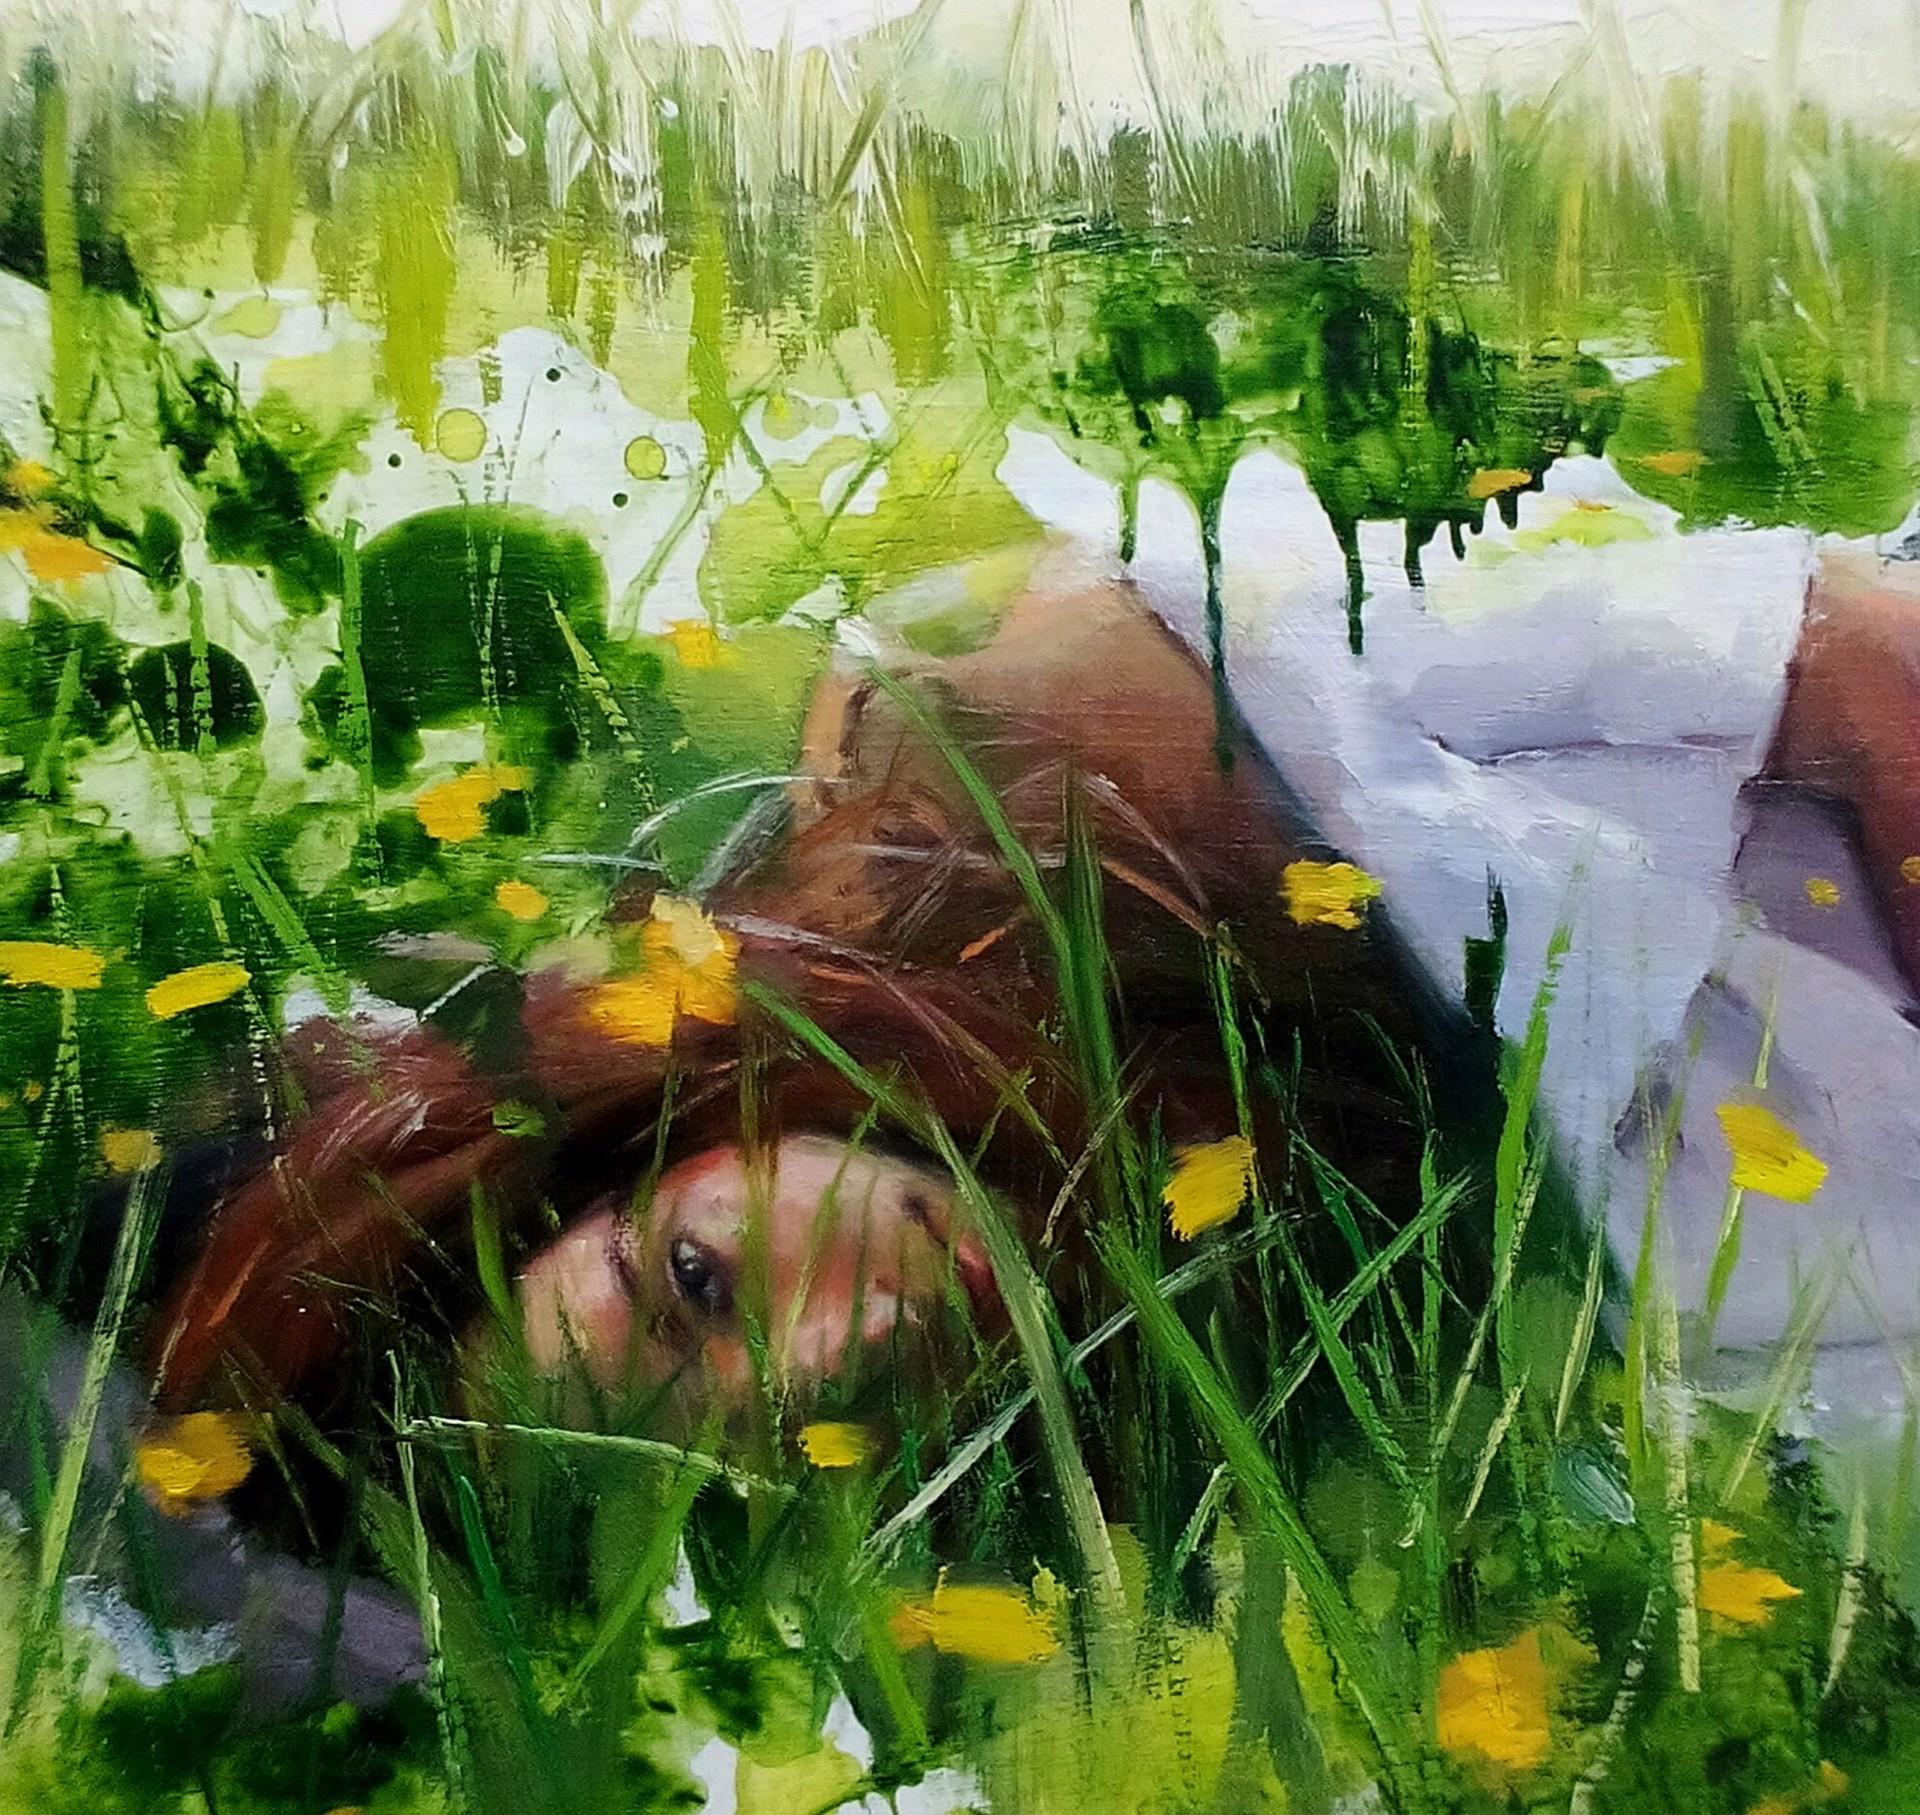 Freshness by Susana Ragel